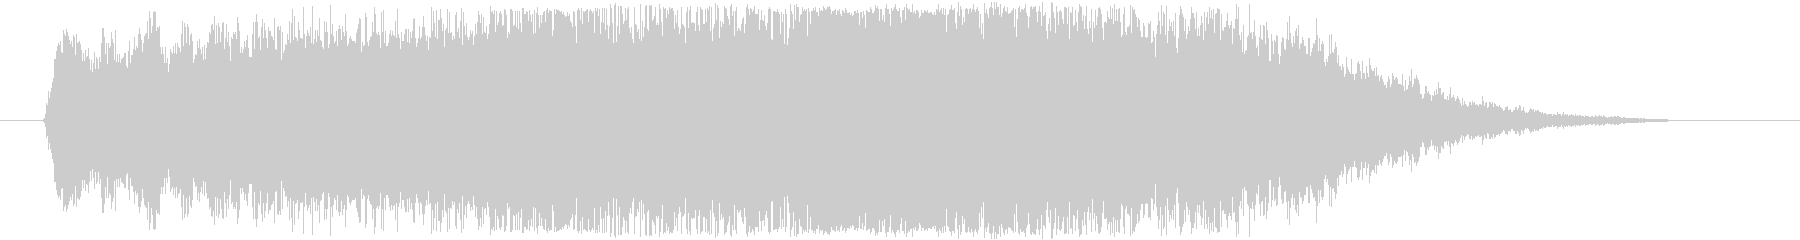 エレクトロ_ハイクオリティージングル_5の未再生の波形